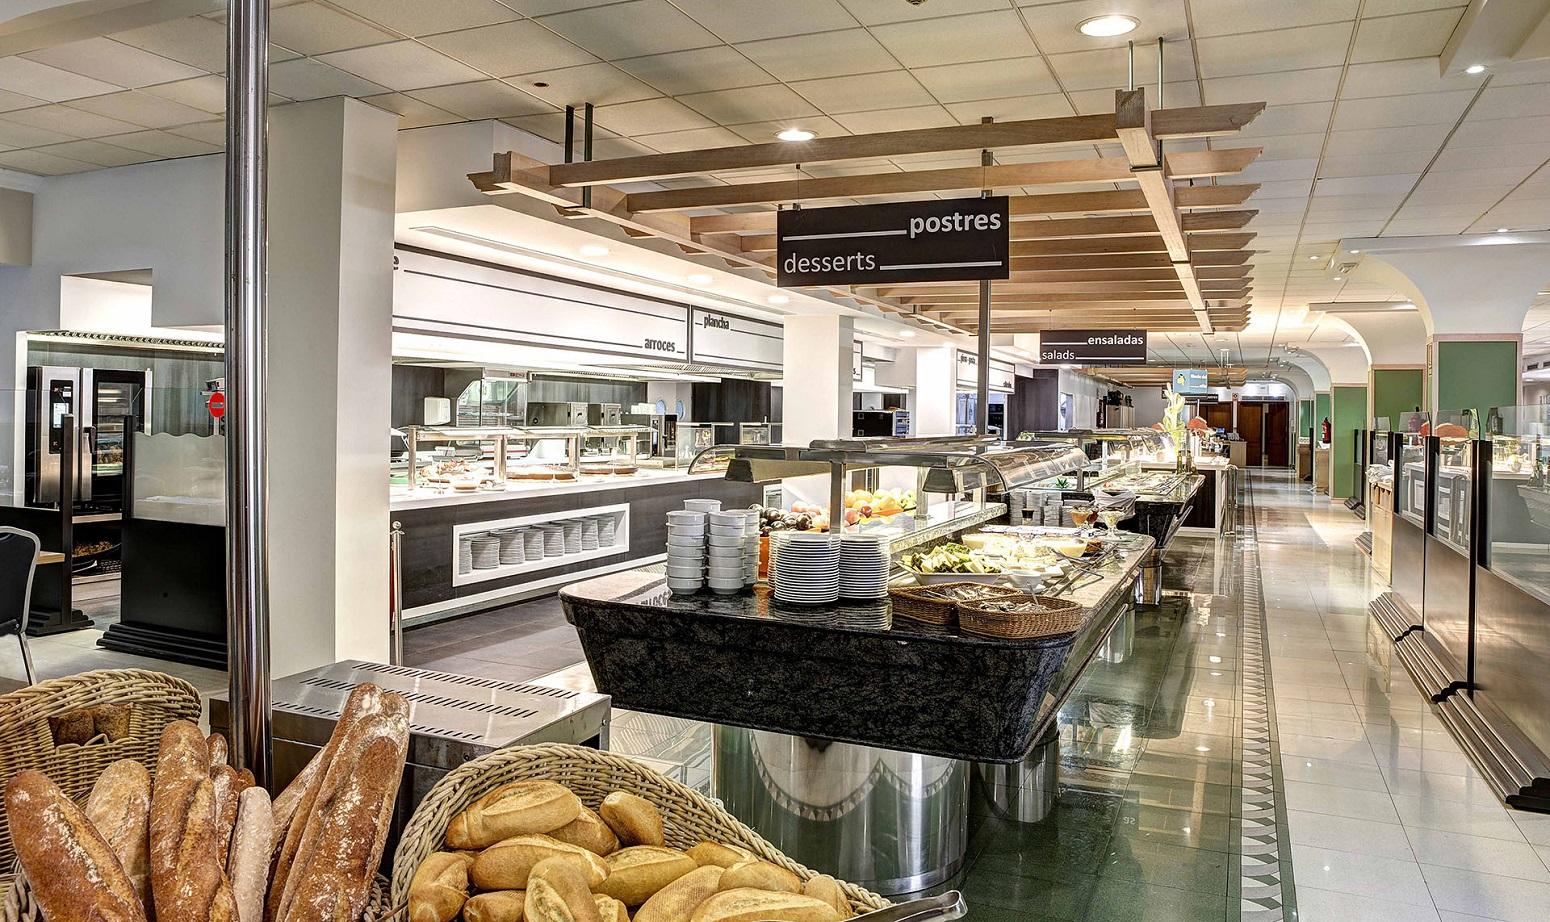 buffet hotyel peñiscola